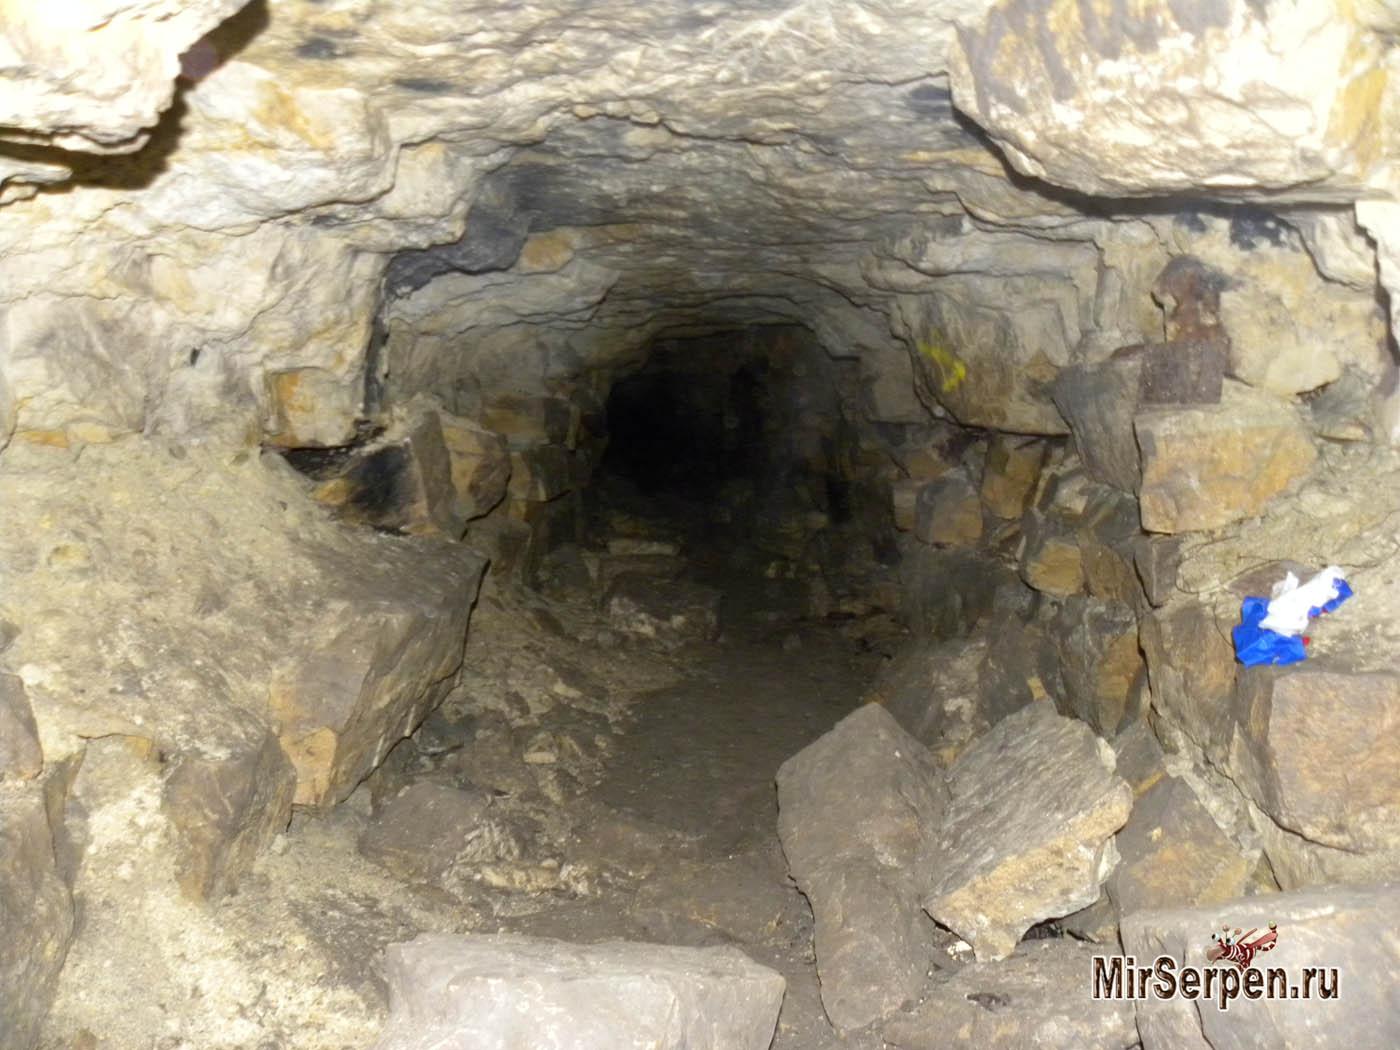 Photo of Девятовские каменоломни, Подольский район, Московская область